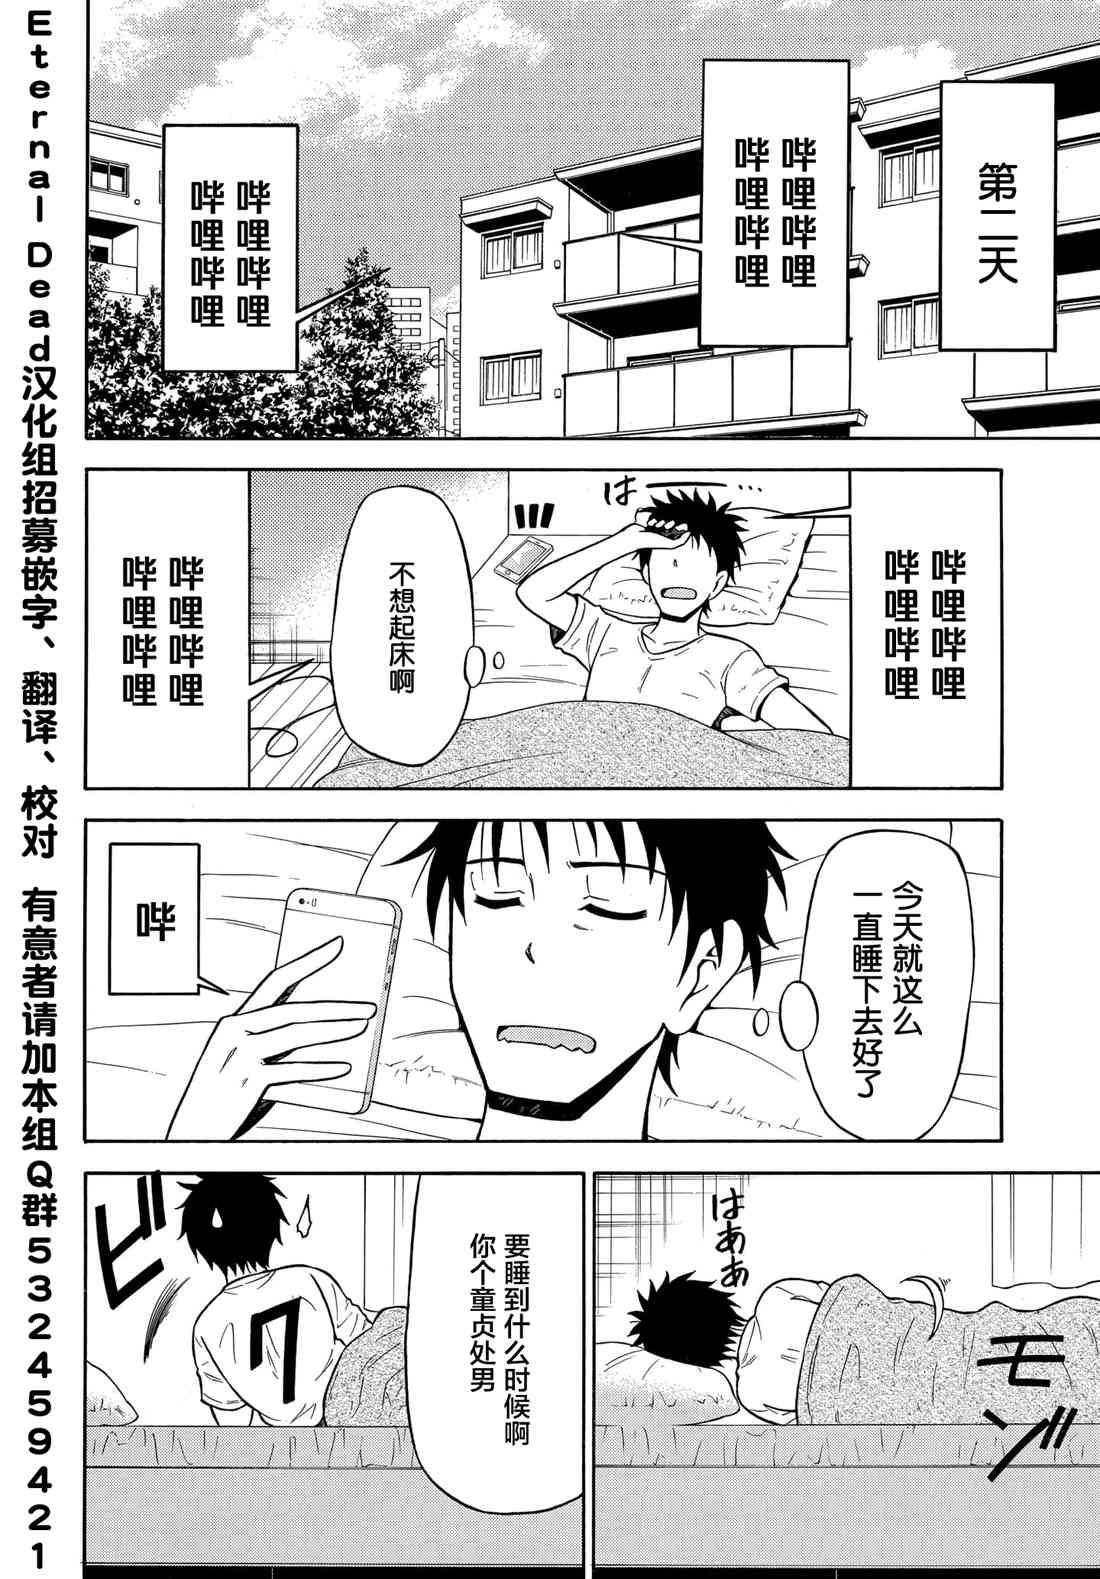 童貞與終結者女友: 08话 - 第18页